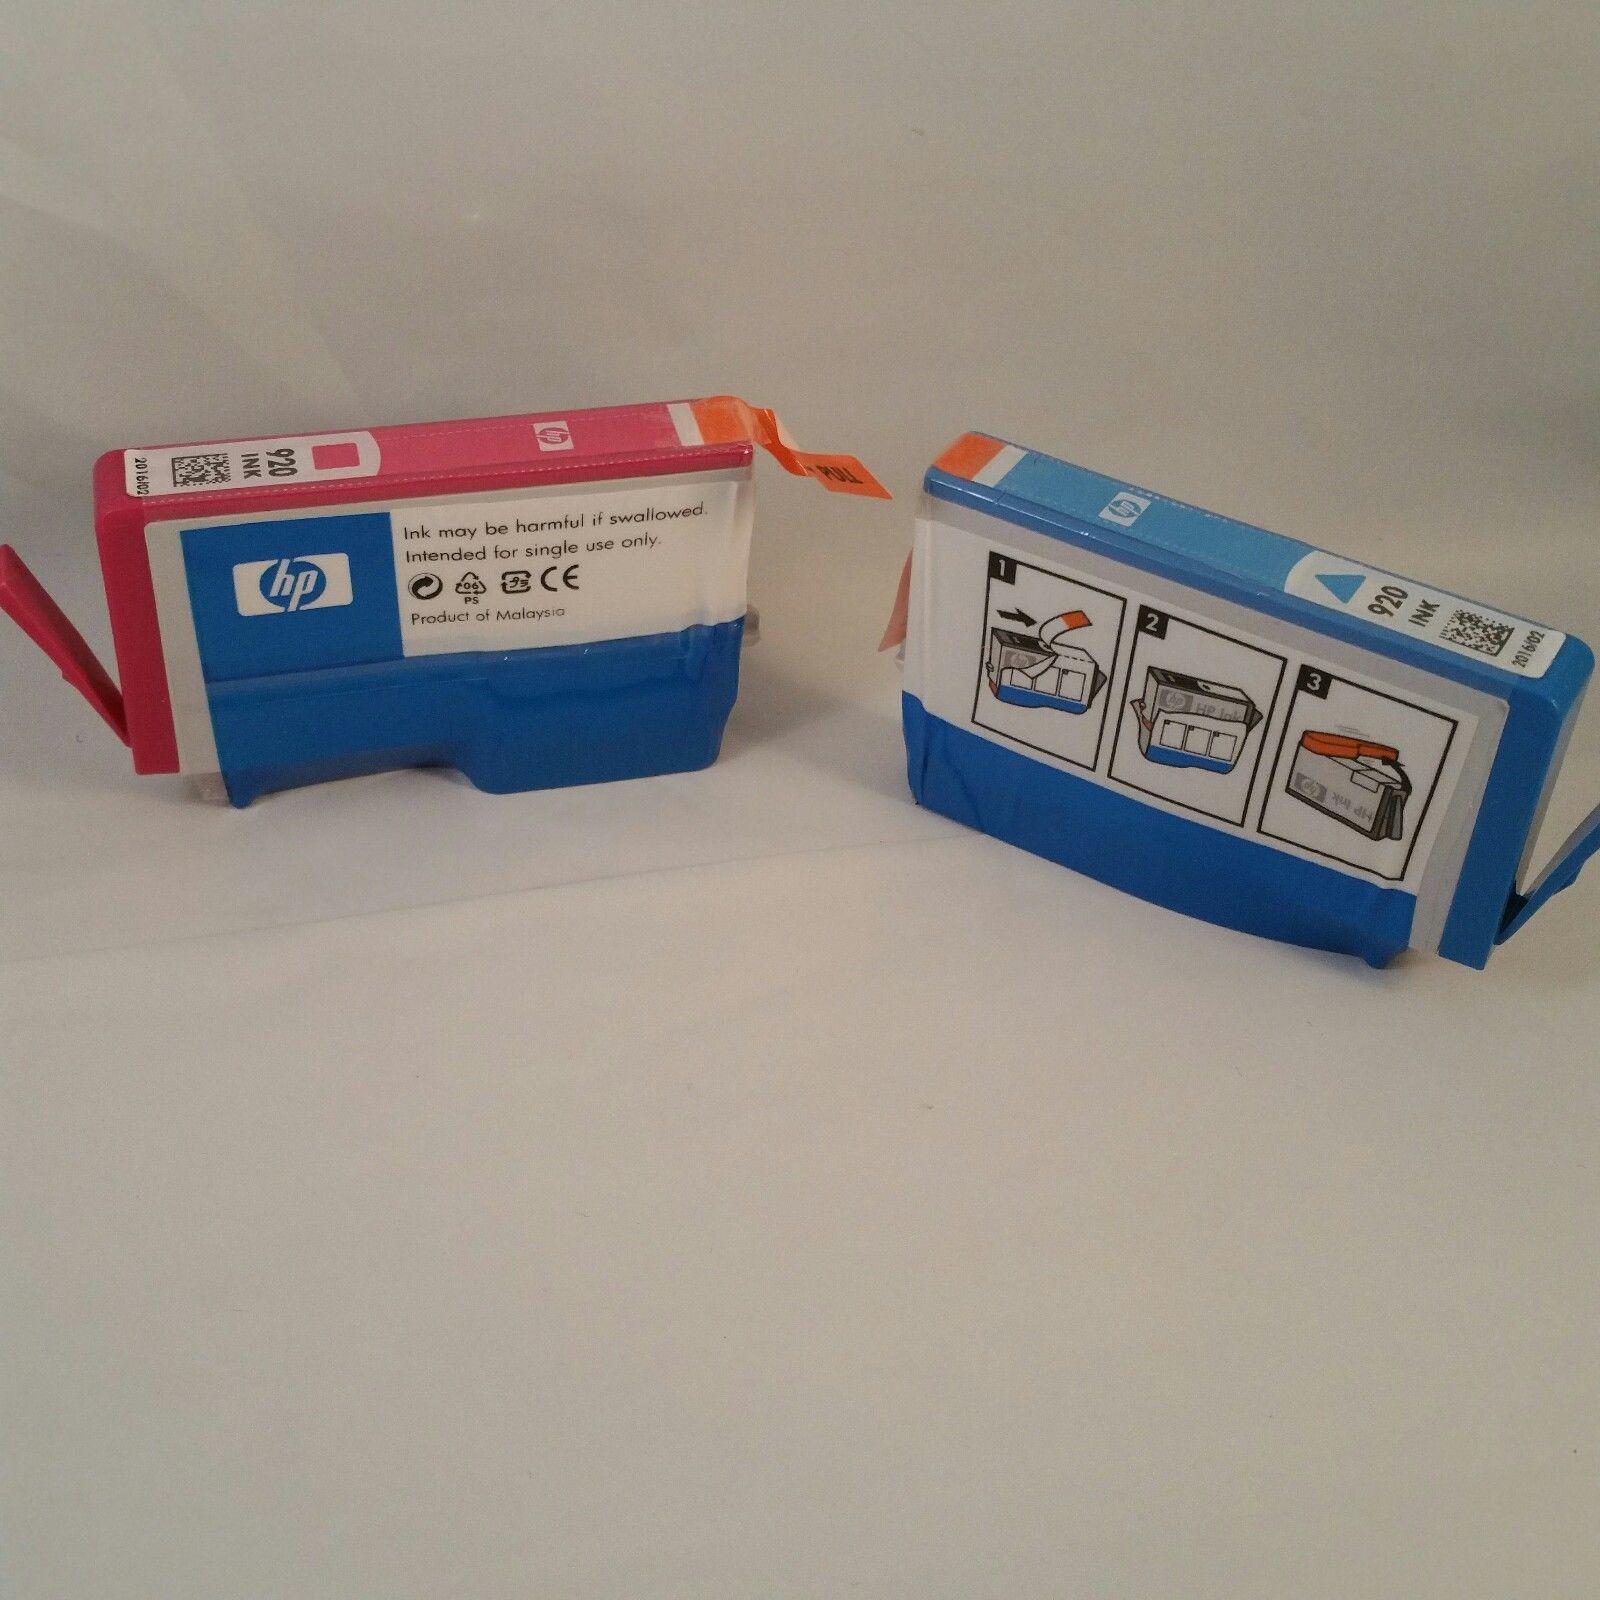 Harga Dan Spesifikasi Hp Officejet 920 Xl Magenta Ink Cartridge Guy Laroche G3013 05 Jam Tangan Pria Stainlles Steel Hitam Genuine Printer And 50 Similar Items Cartridges Combo Pack